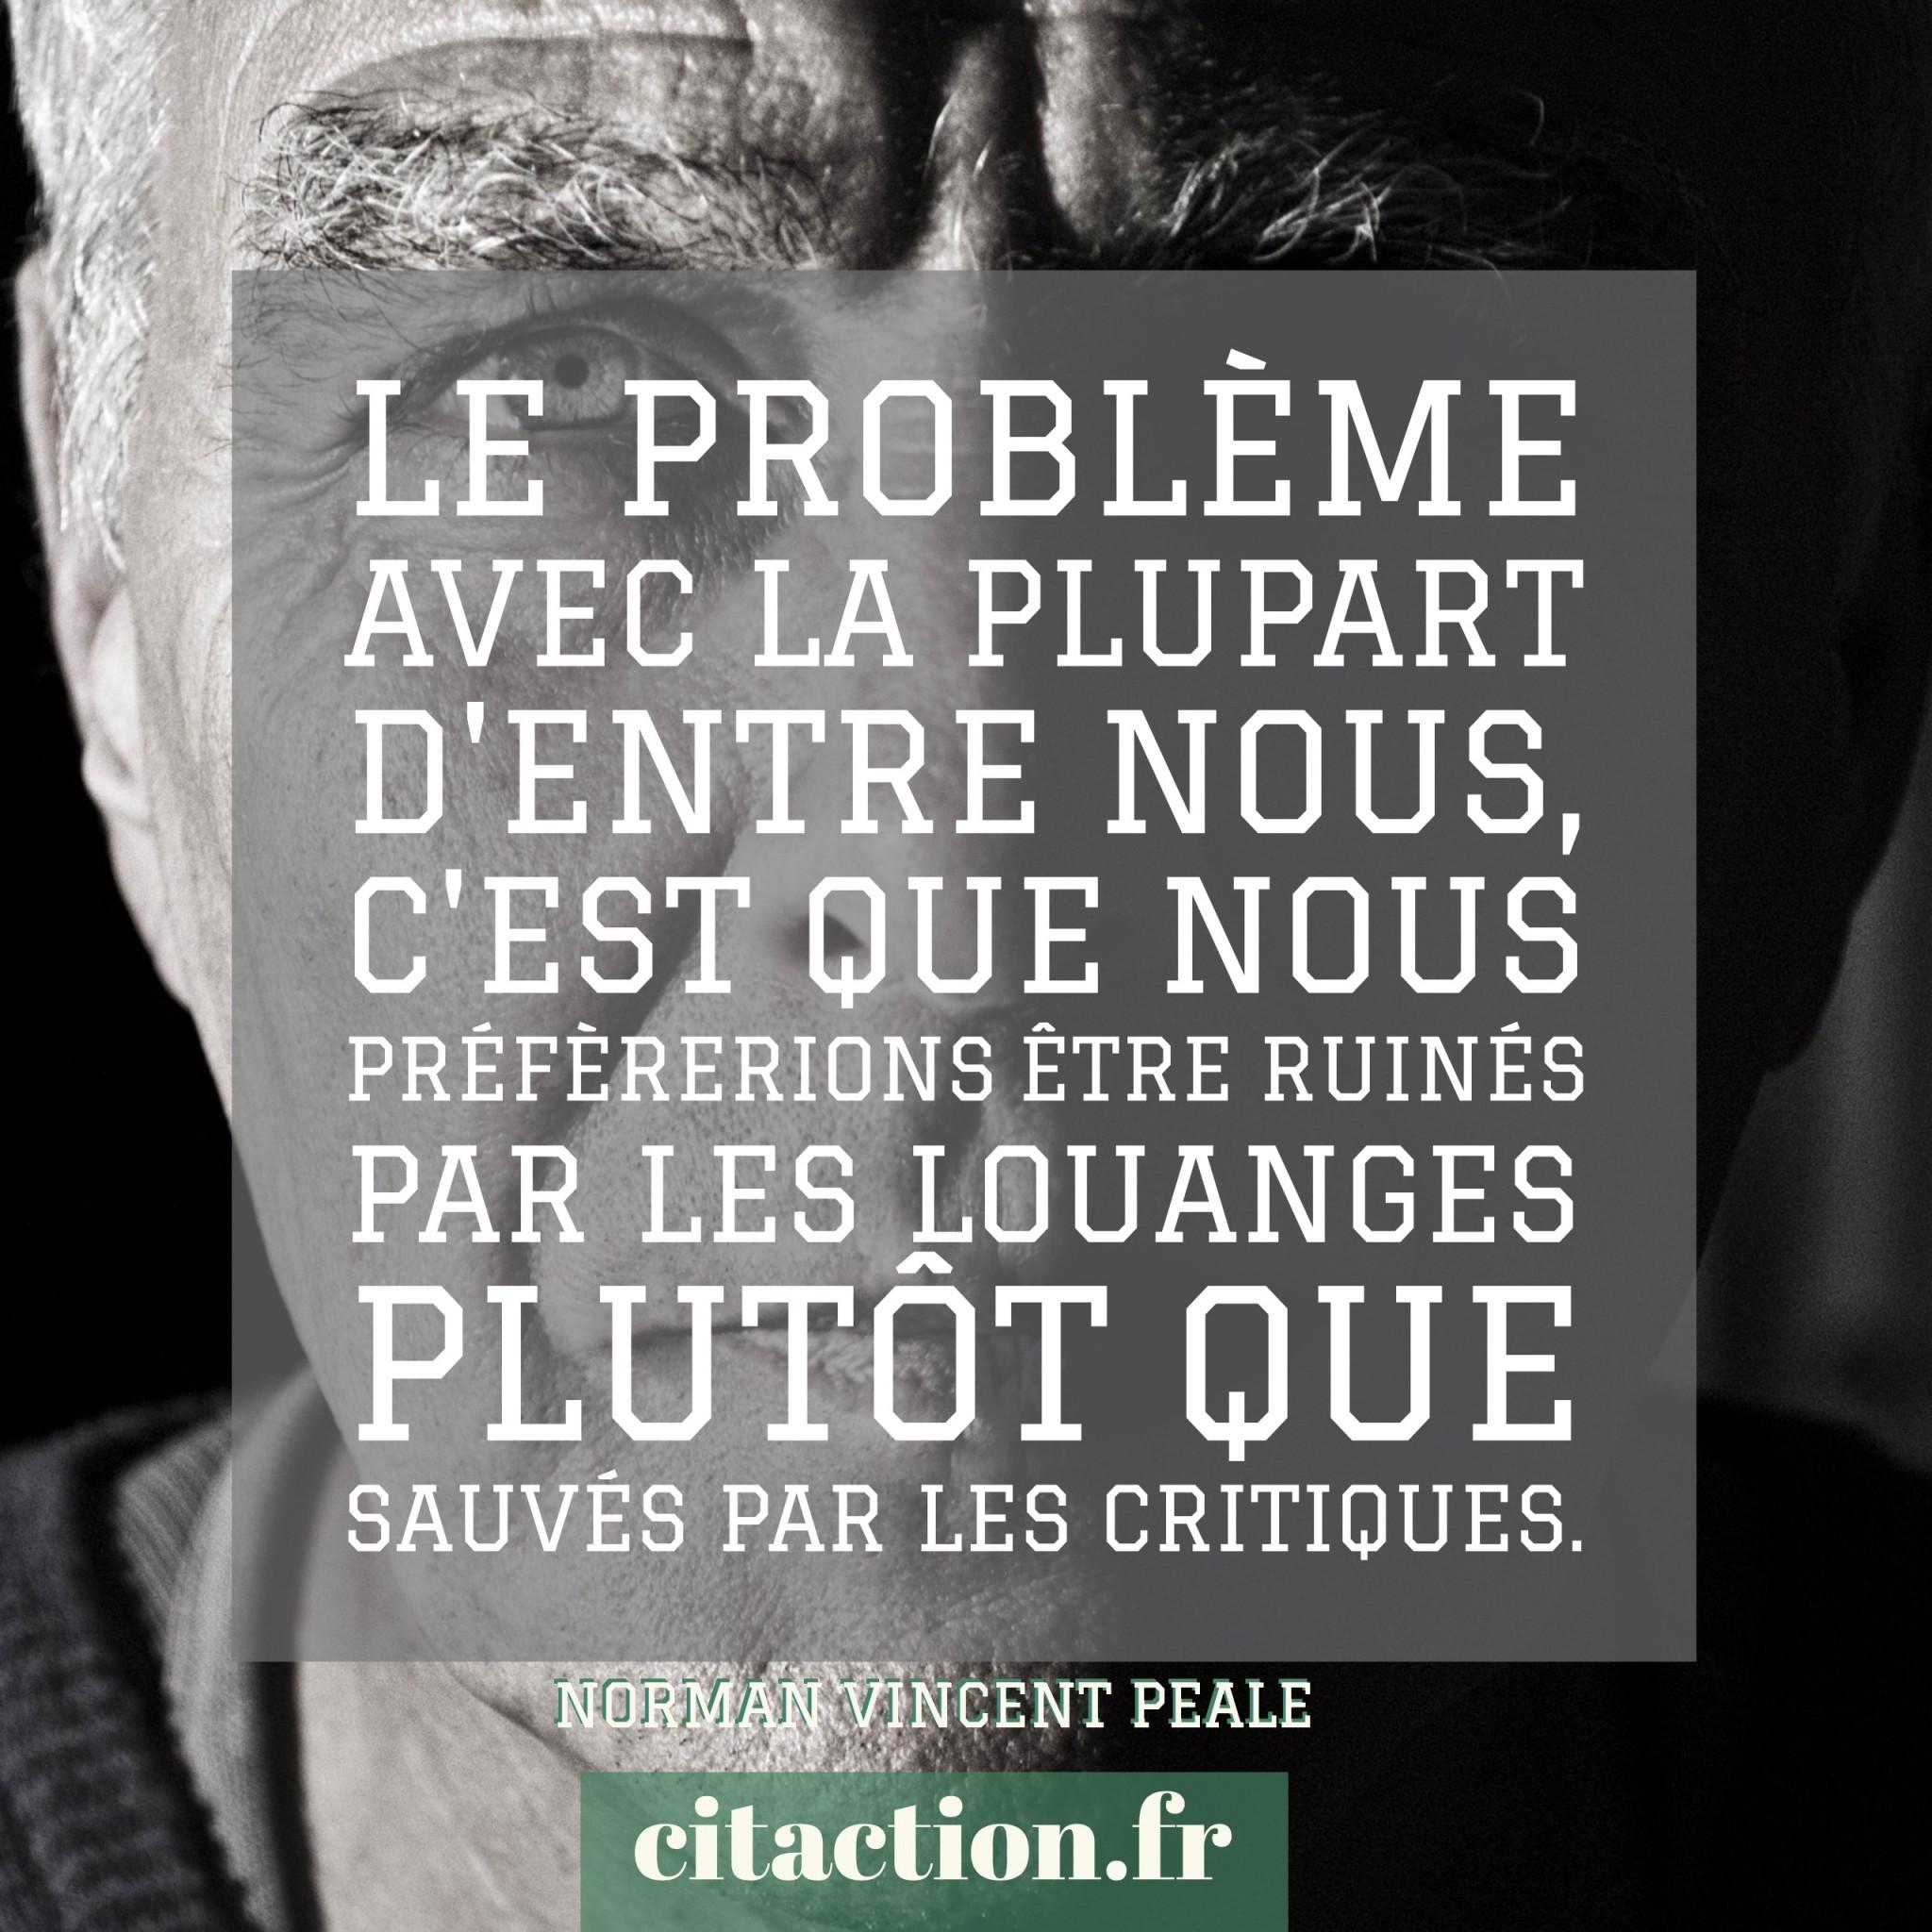 Le problème avec la plupart d'entre nous, c'est que nous préfèrerions être ruinés par les louanges plutôt que sauvés par les critiques.